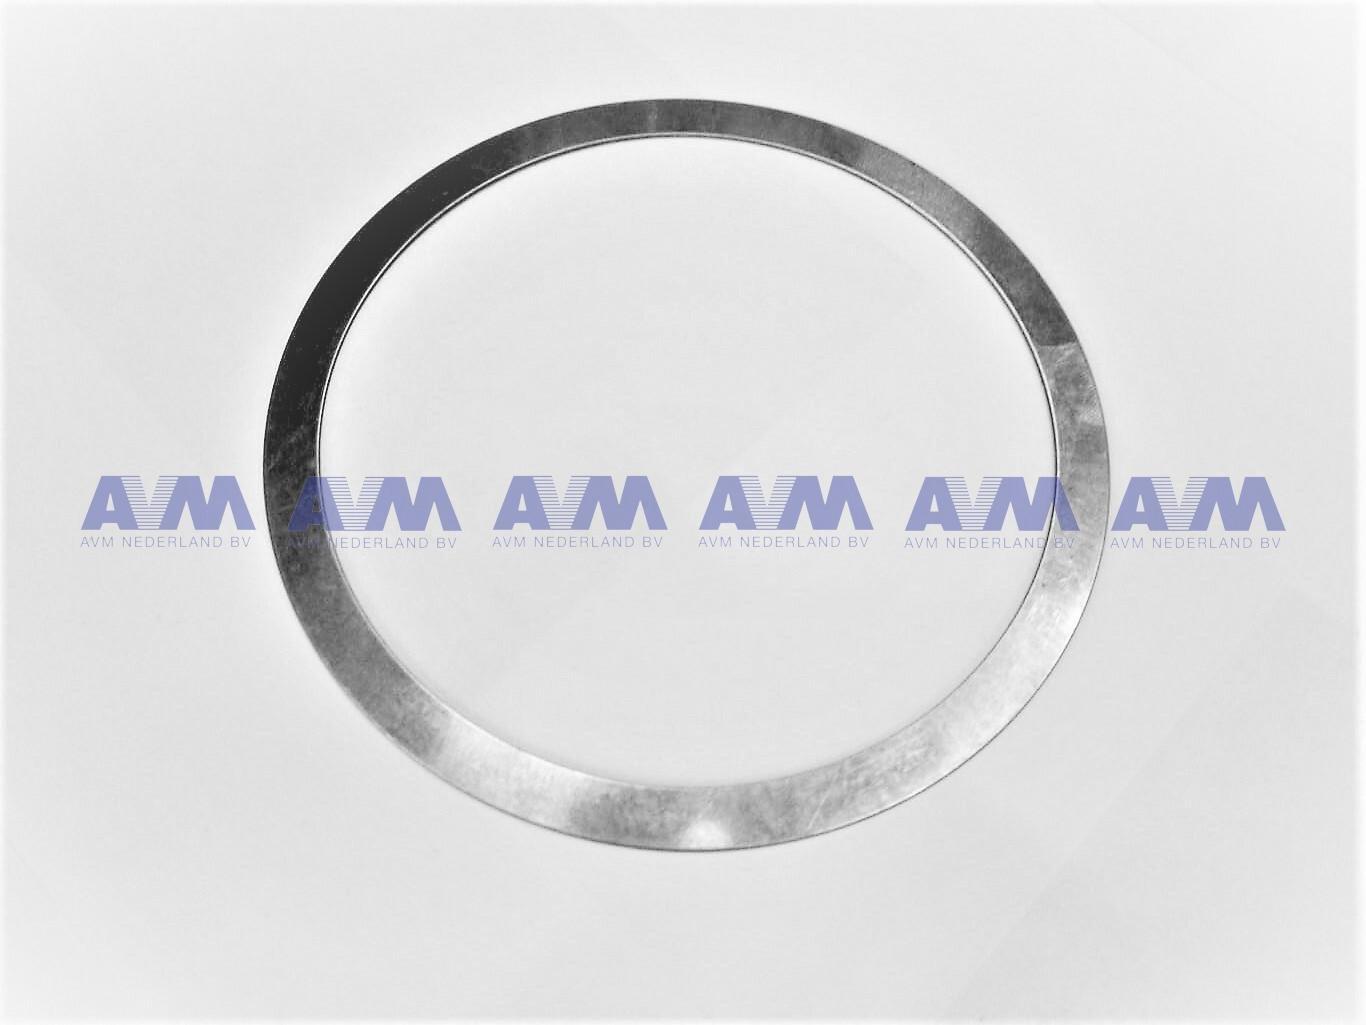 Shim 1,25 mm Shim 1,25 mm